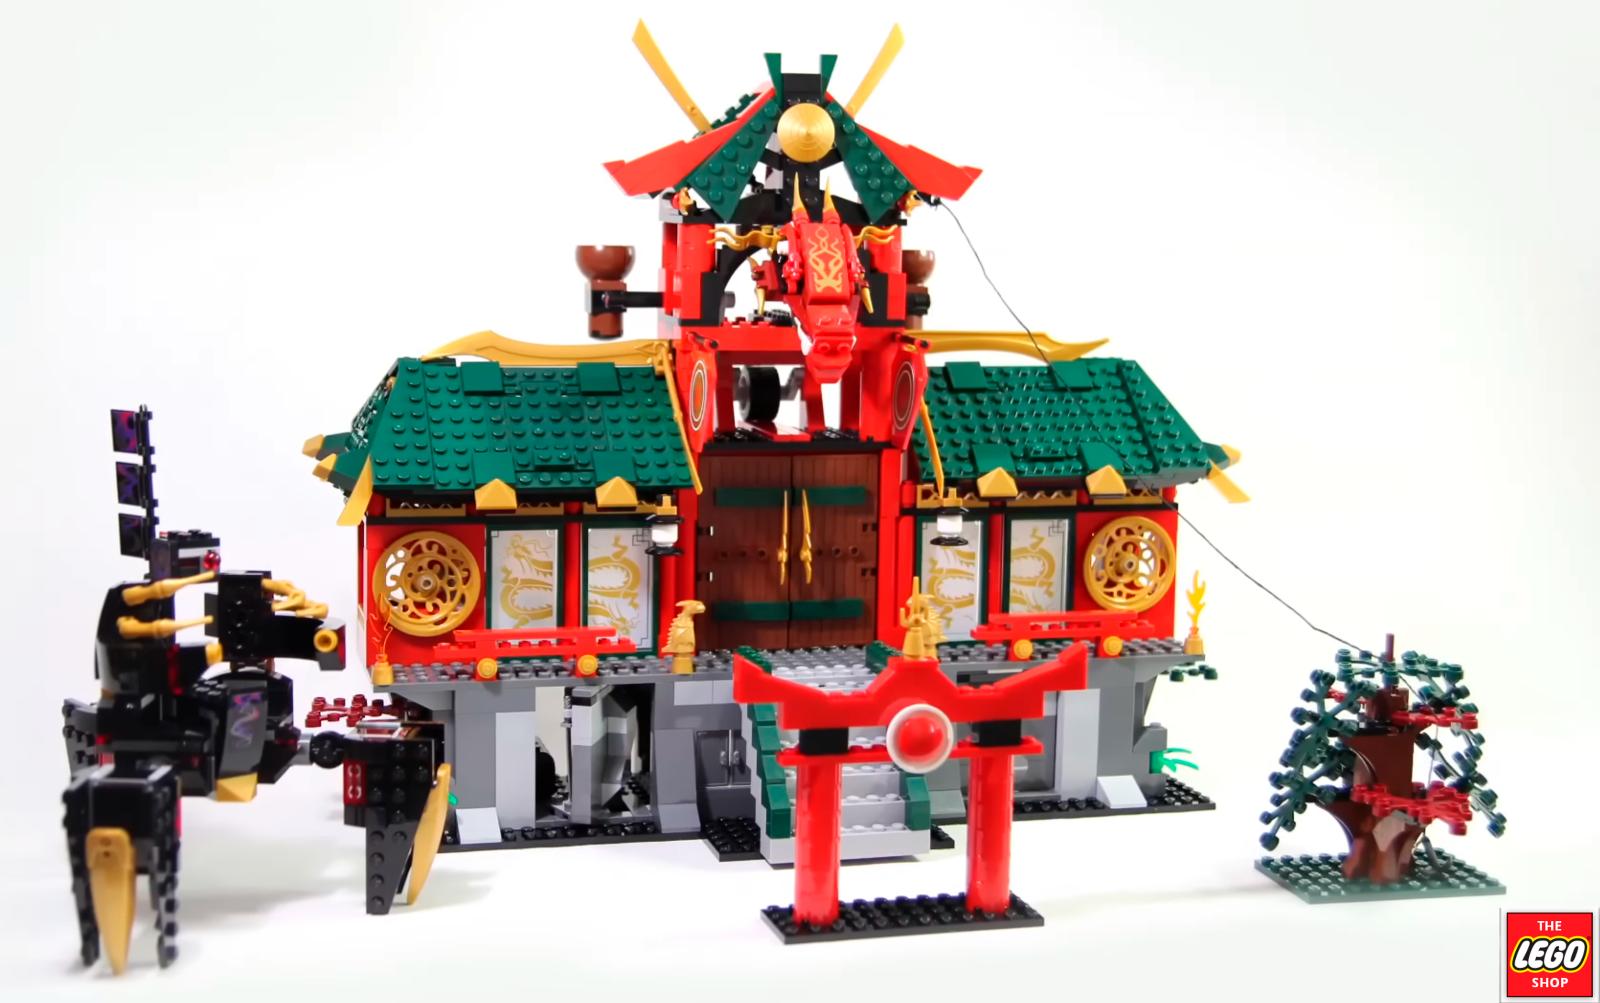 autorizzazione LEGO Ninjago 70728 Battle for Ninjago città - 100% 100% 100% completare & Excellent Condition  edizione limitata a caldo